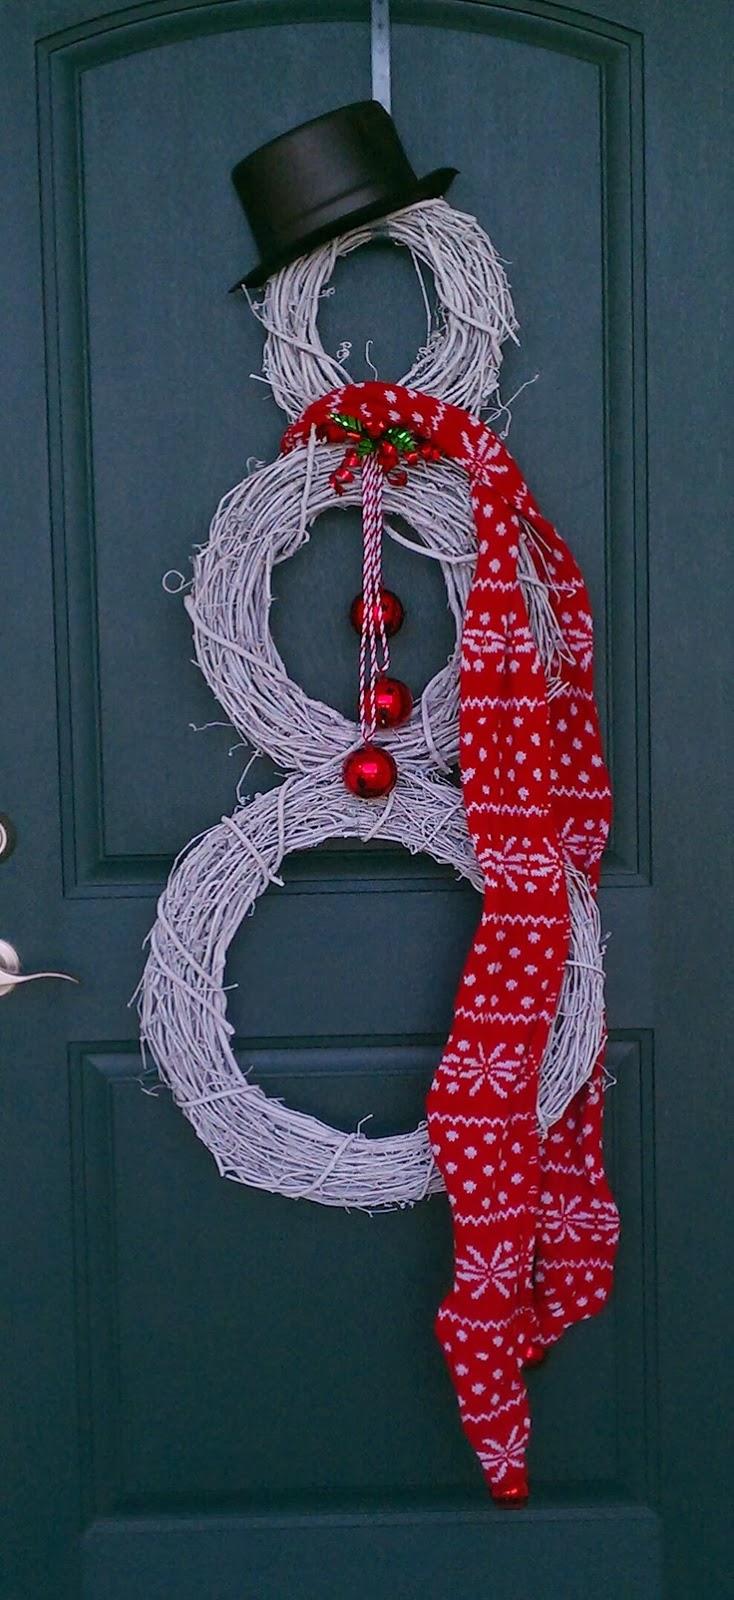 Navidad Decoracion De Puertas ~ decora tu puerta con mu?ecos de nieve de coronas navide?as